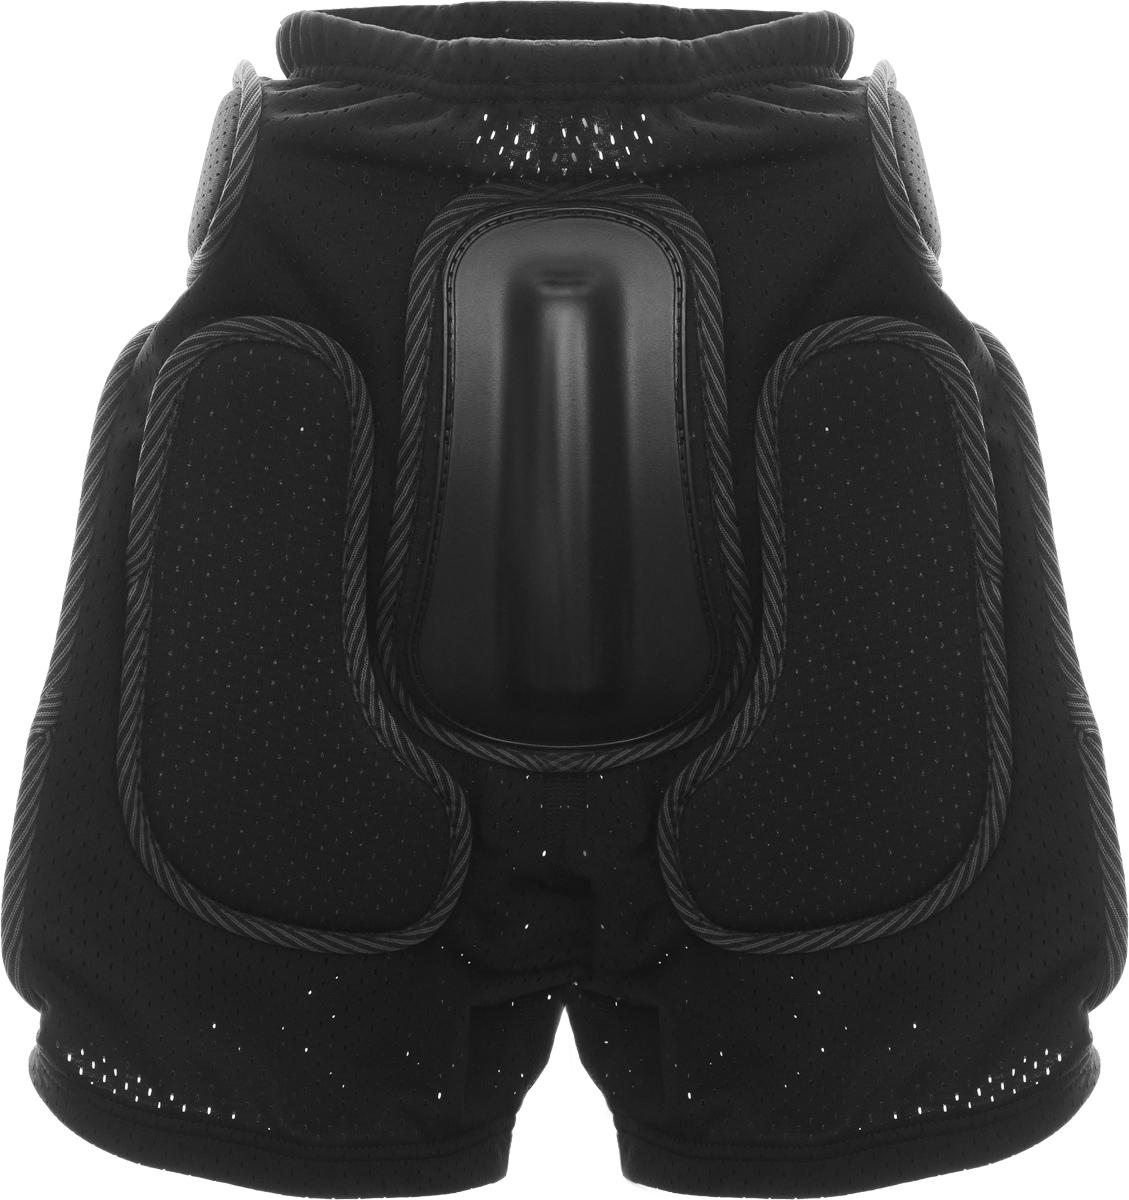 Шорты защитные Biont Комфорт, цвет: черный, размер STG497125Защитные шорты Biont Комфорт - это необходимая часть снаряжения сноубордистов, любителей экстремального катания на роликах, байкеров, фанатов зимнего кайтинга. Шорты изготовлены из мягкой эластичной потовыводящей сетки с хорошей воздухопроницаемостью под накладками без остаточной деформации.Для обеспечения улучшенной вентиляции в шортах используется дышащая сетка спейсер. Комфортные защитные шорты Biont Комфорт идеальный выбор для любителей экстремального спорта. Толщина пластиковых накладок: 8-12 мм.